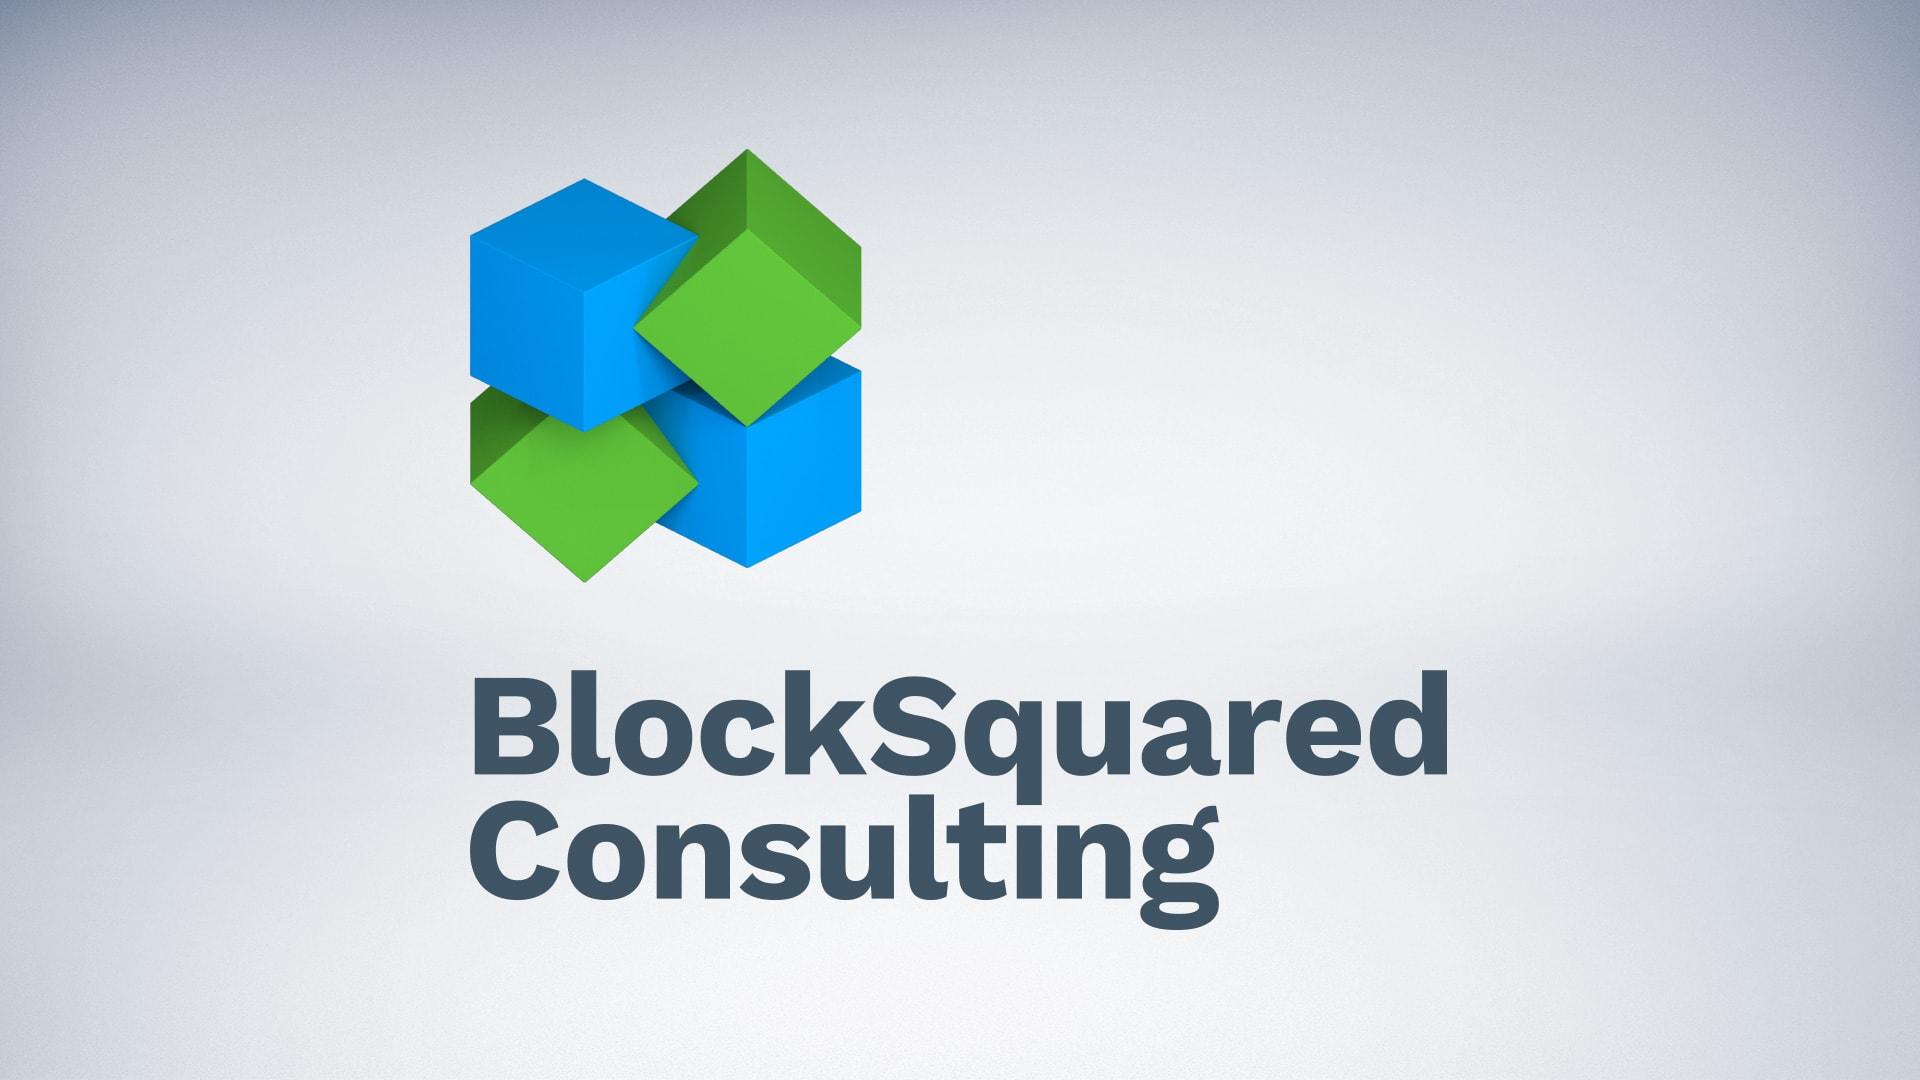 BlockSquared Consulting